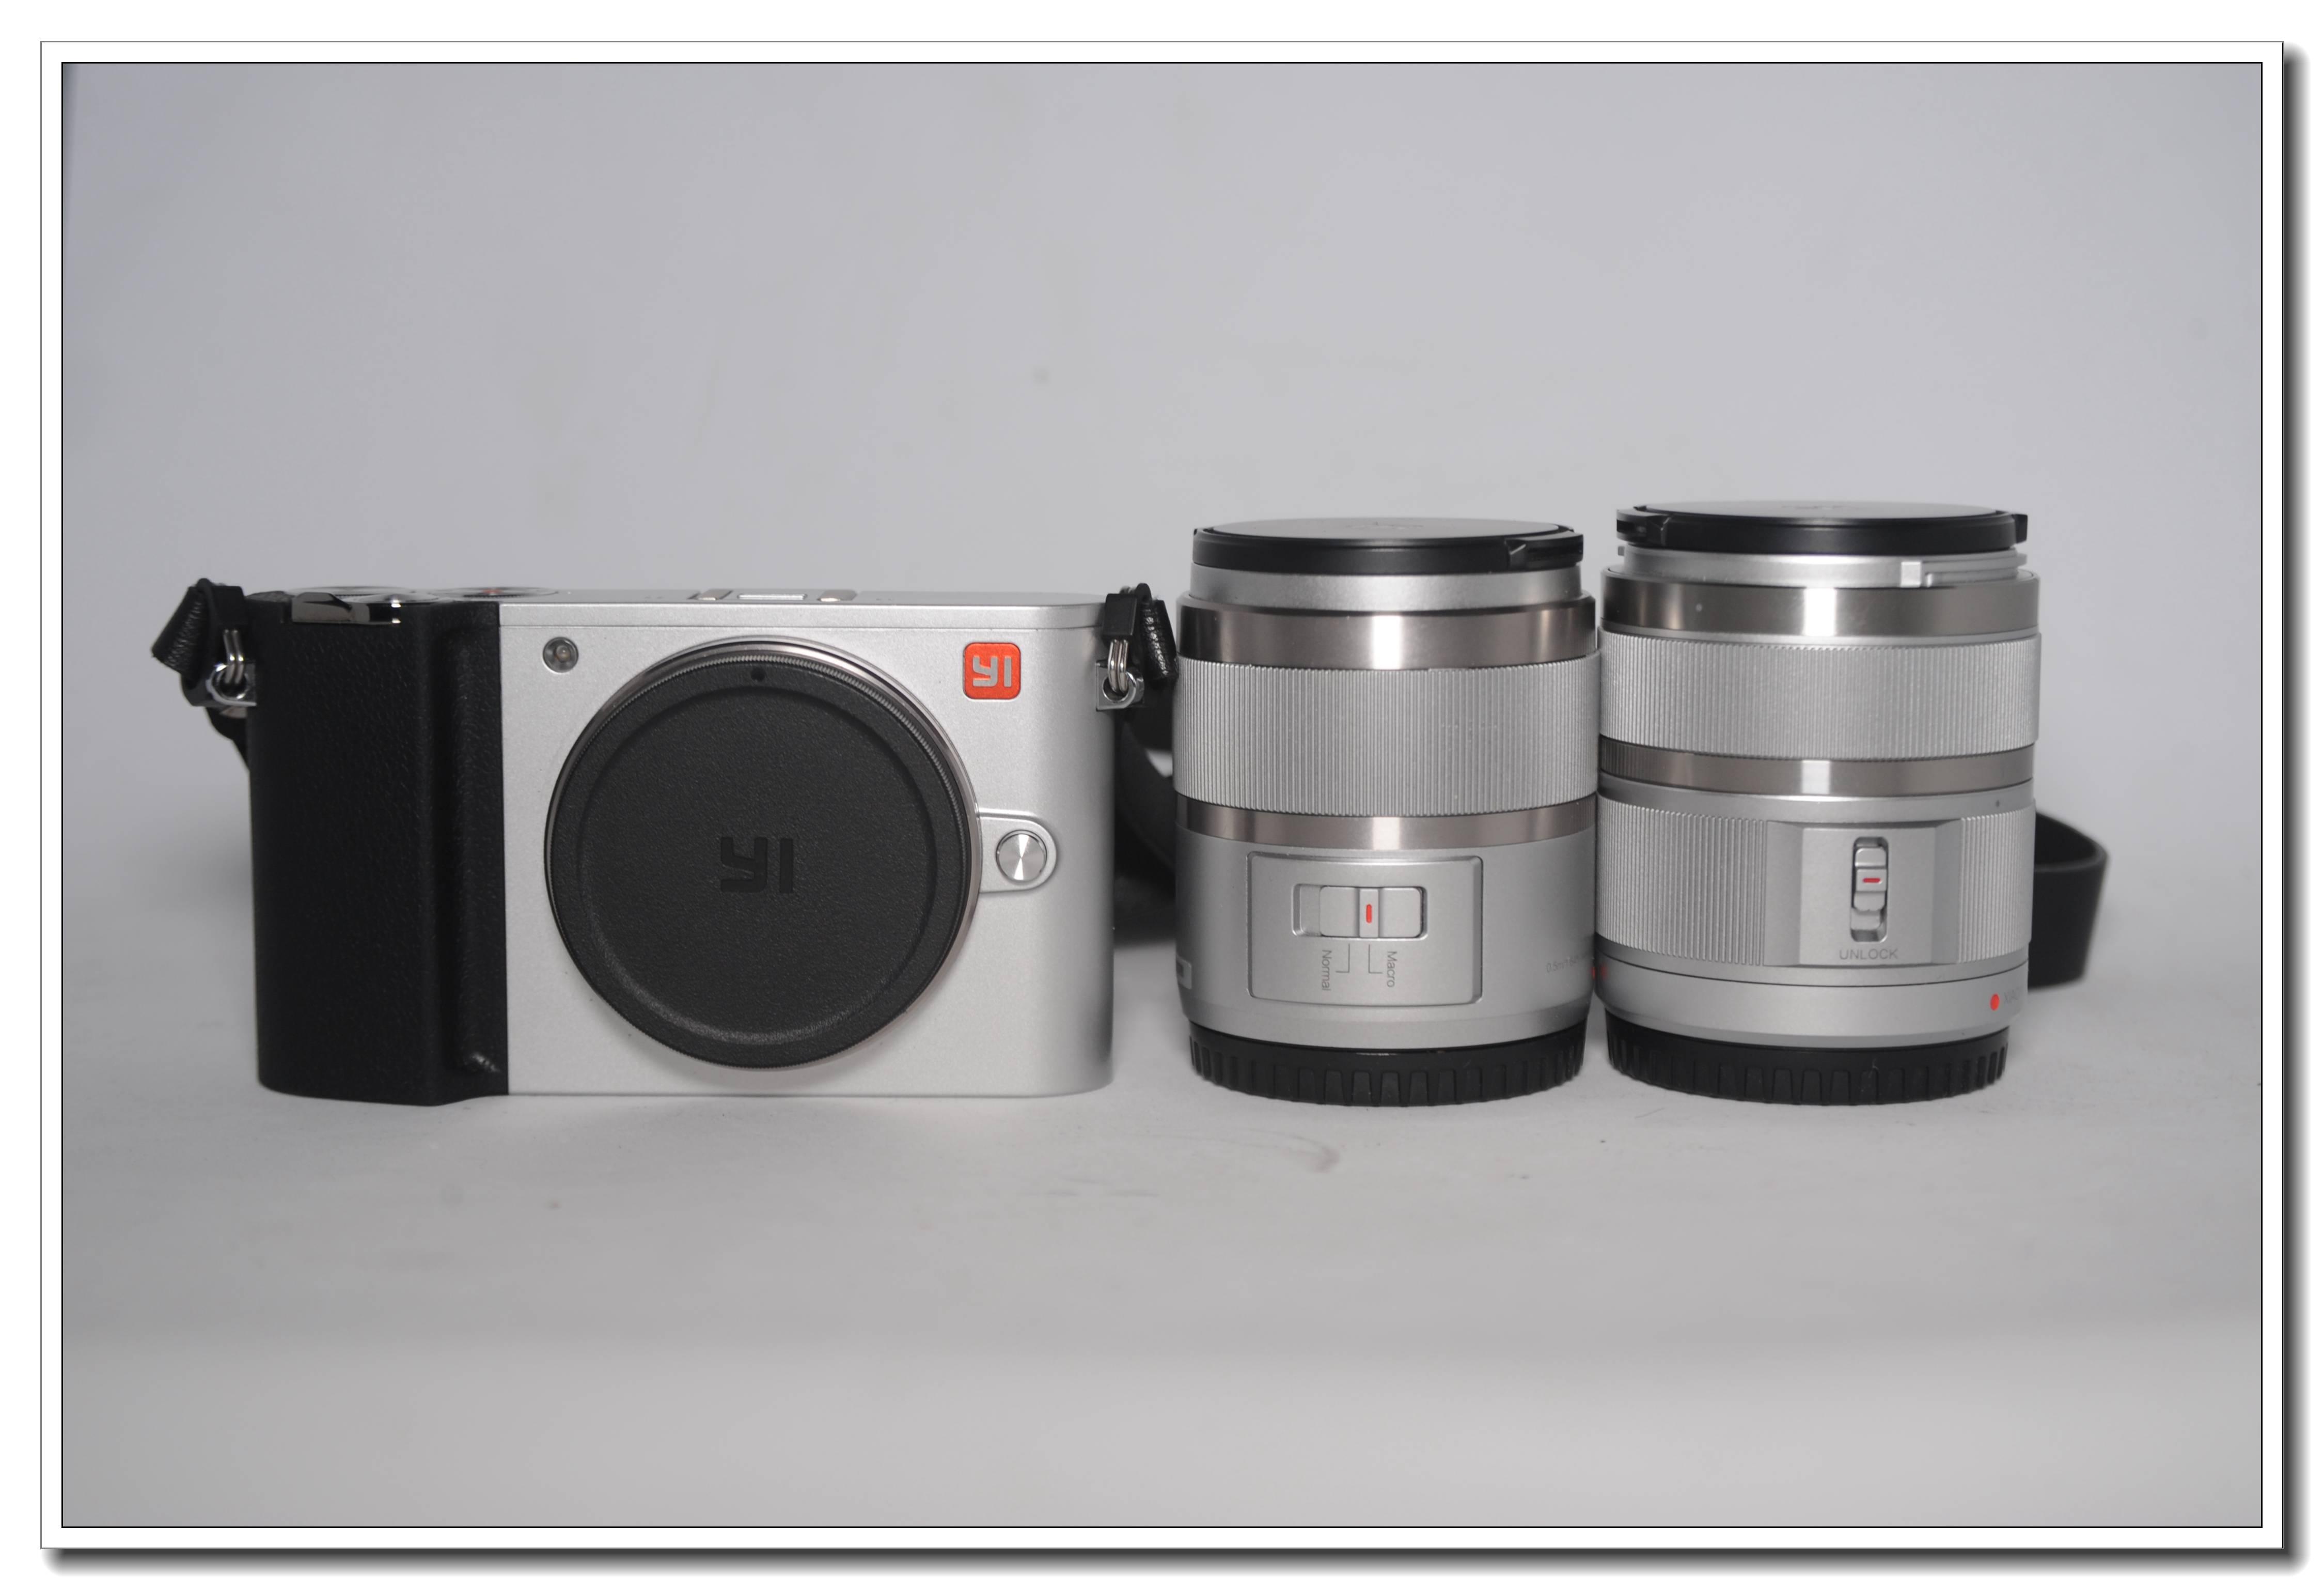 小蚁/YI-M1 一机两镜 原盒包装